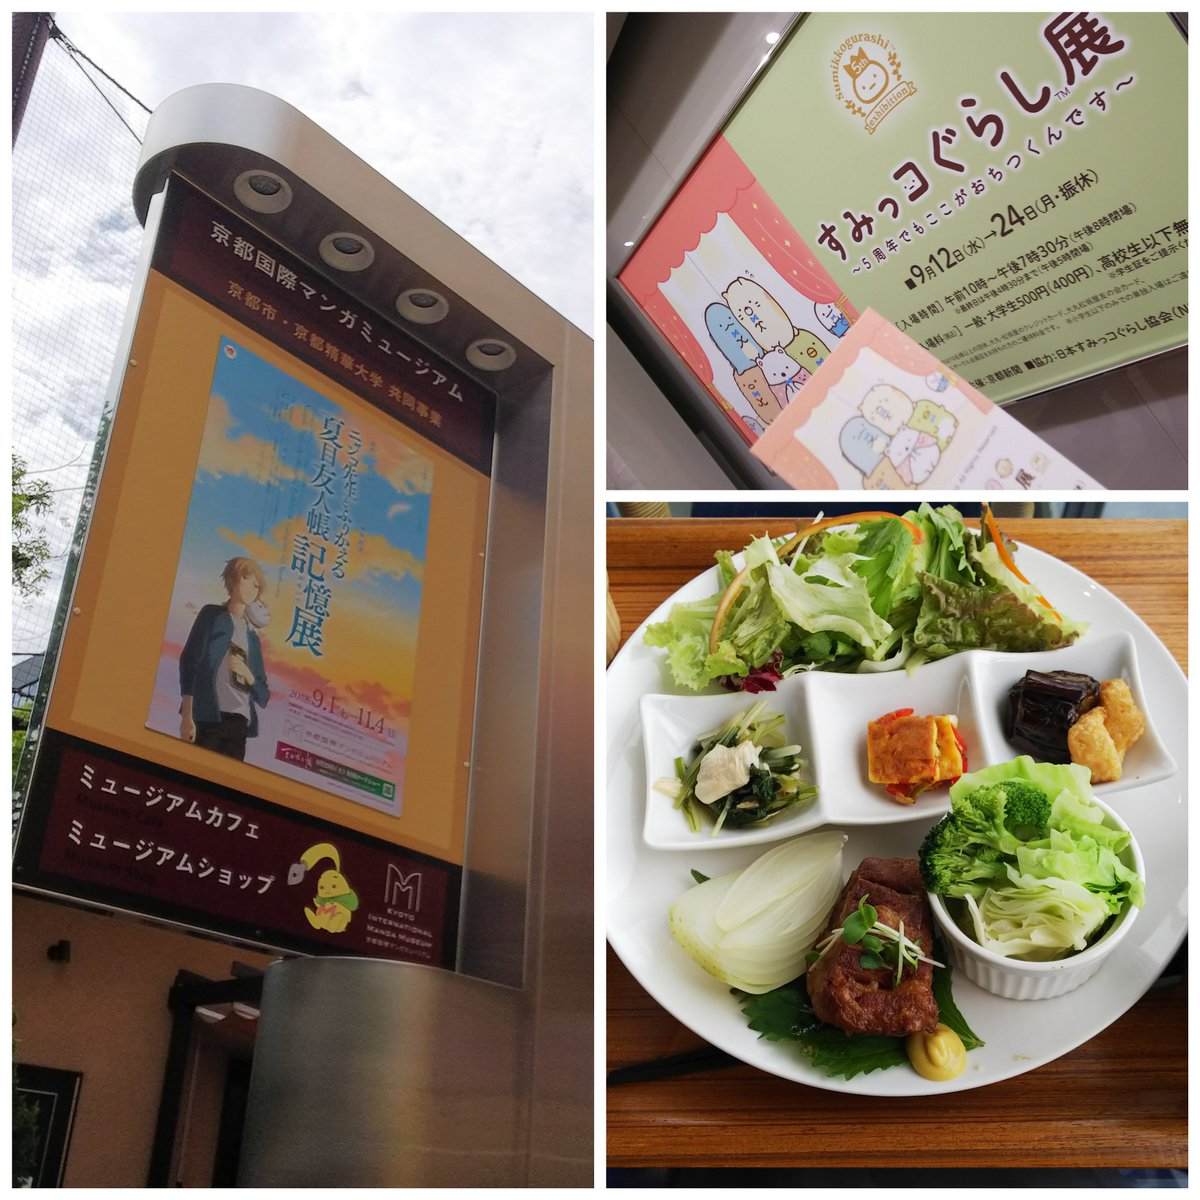 test ツイッターメディア - 今日は先週混んでいて行けなかったすみっコぐらし展と、京都漫画ミュージアムで夏目の記憶展へ行ってきました!その後は雑誌を買うためにアニメイトまで歩いたので結構歩いて電車で降り過ごすぐらい疲れました…w https://t.co/JPAwlWyKYm